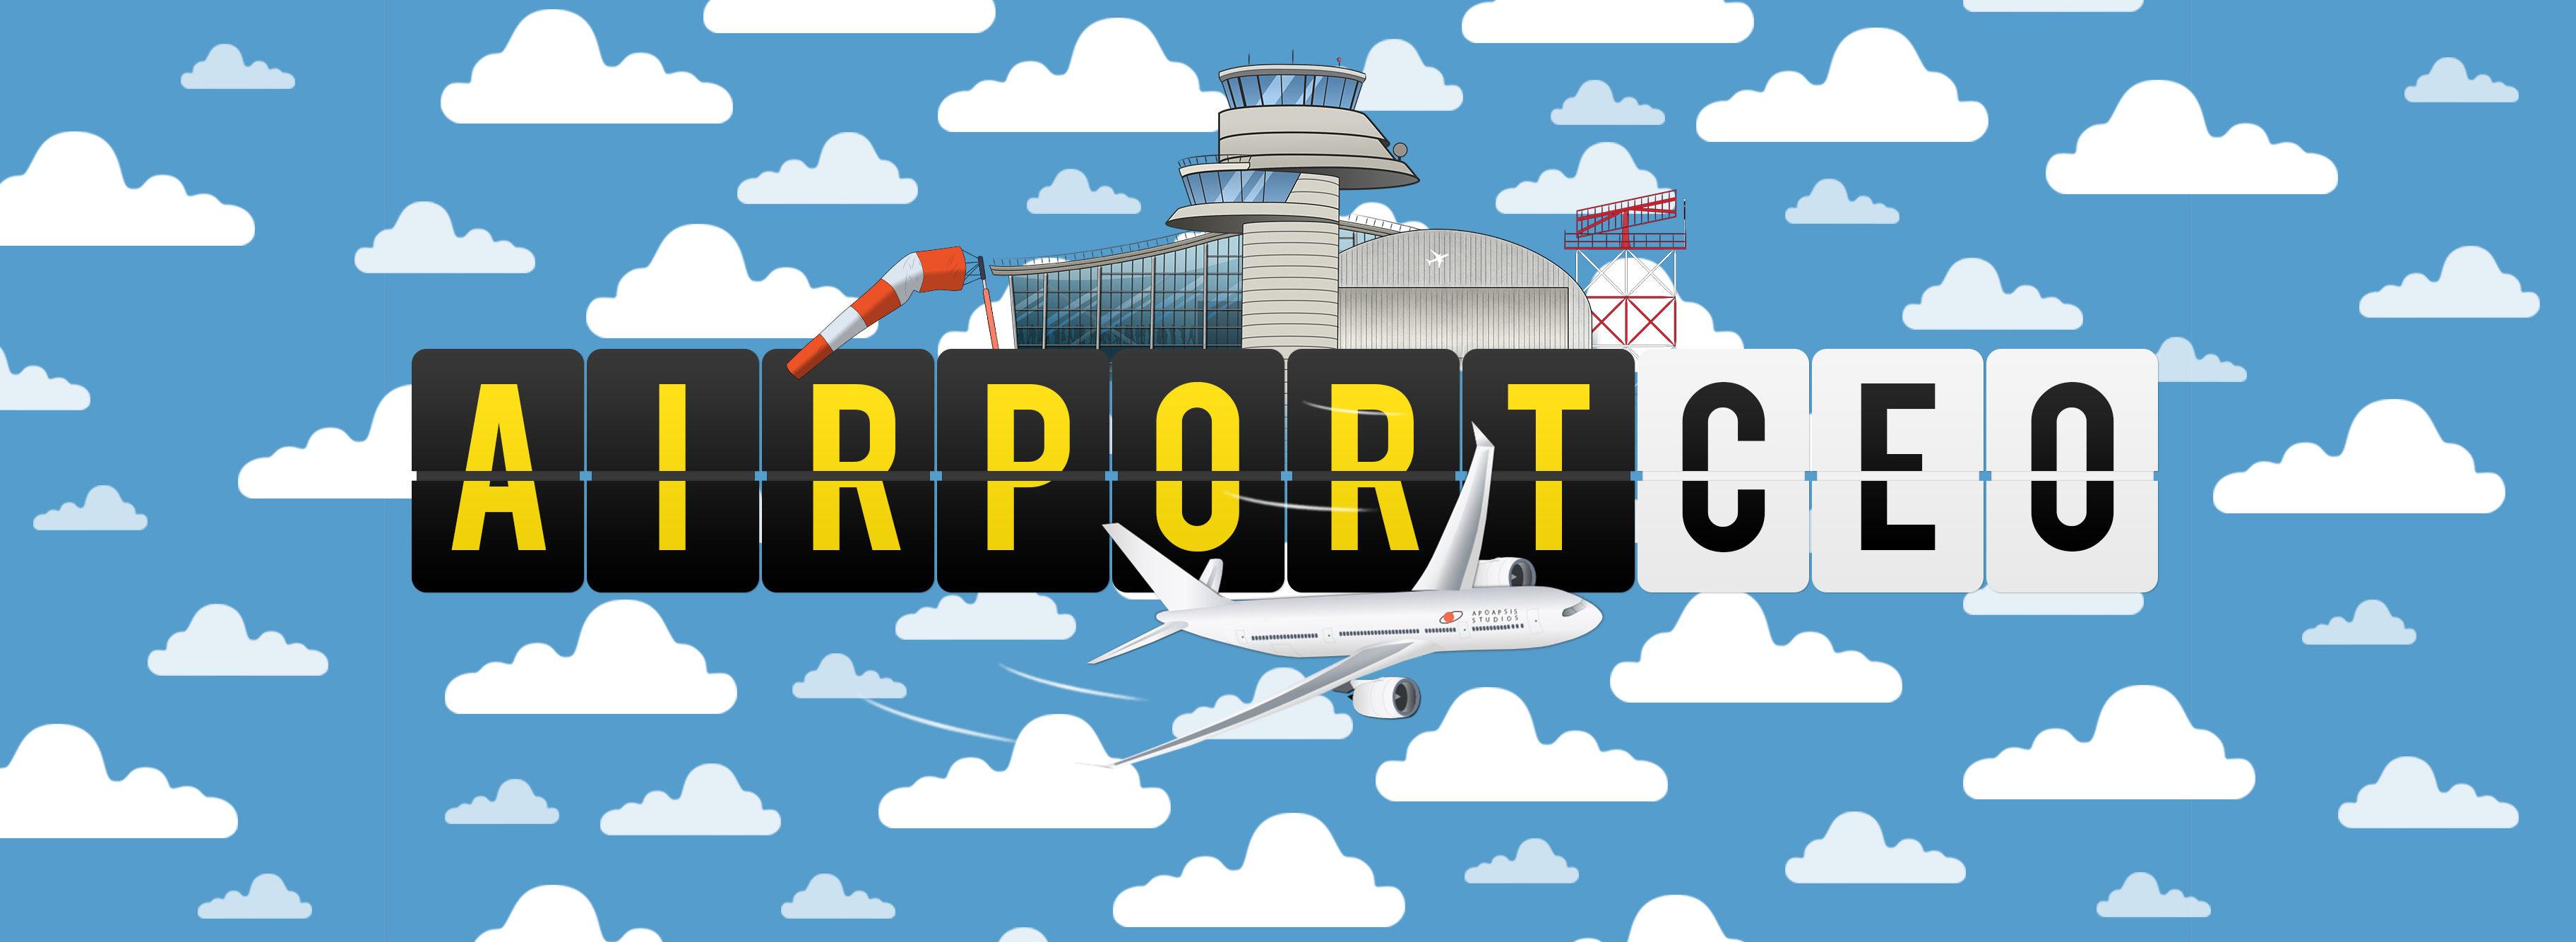 Airport CEO - GETLEVEL.info - aktualności ze świata gier, technologii i YouTube'a!